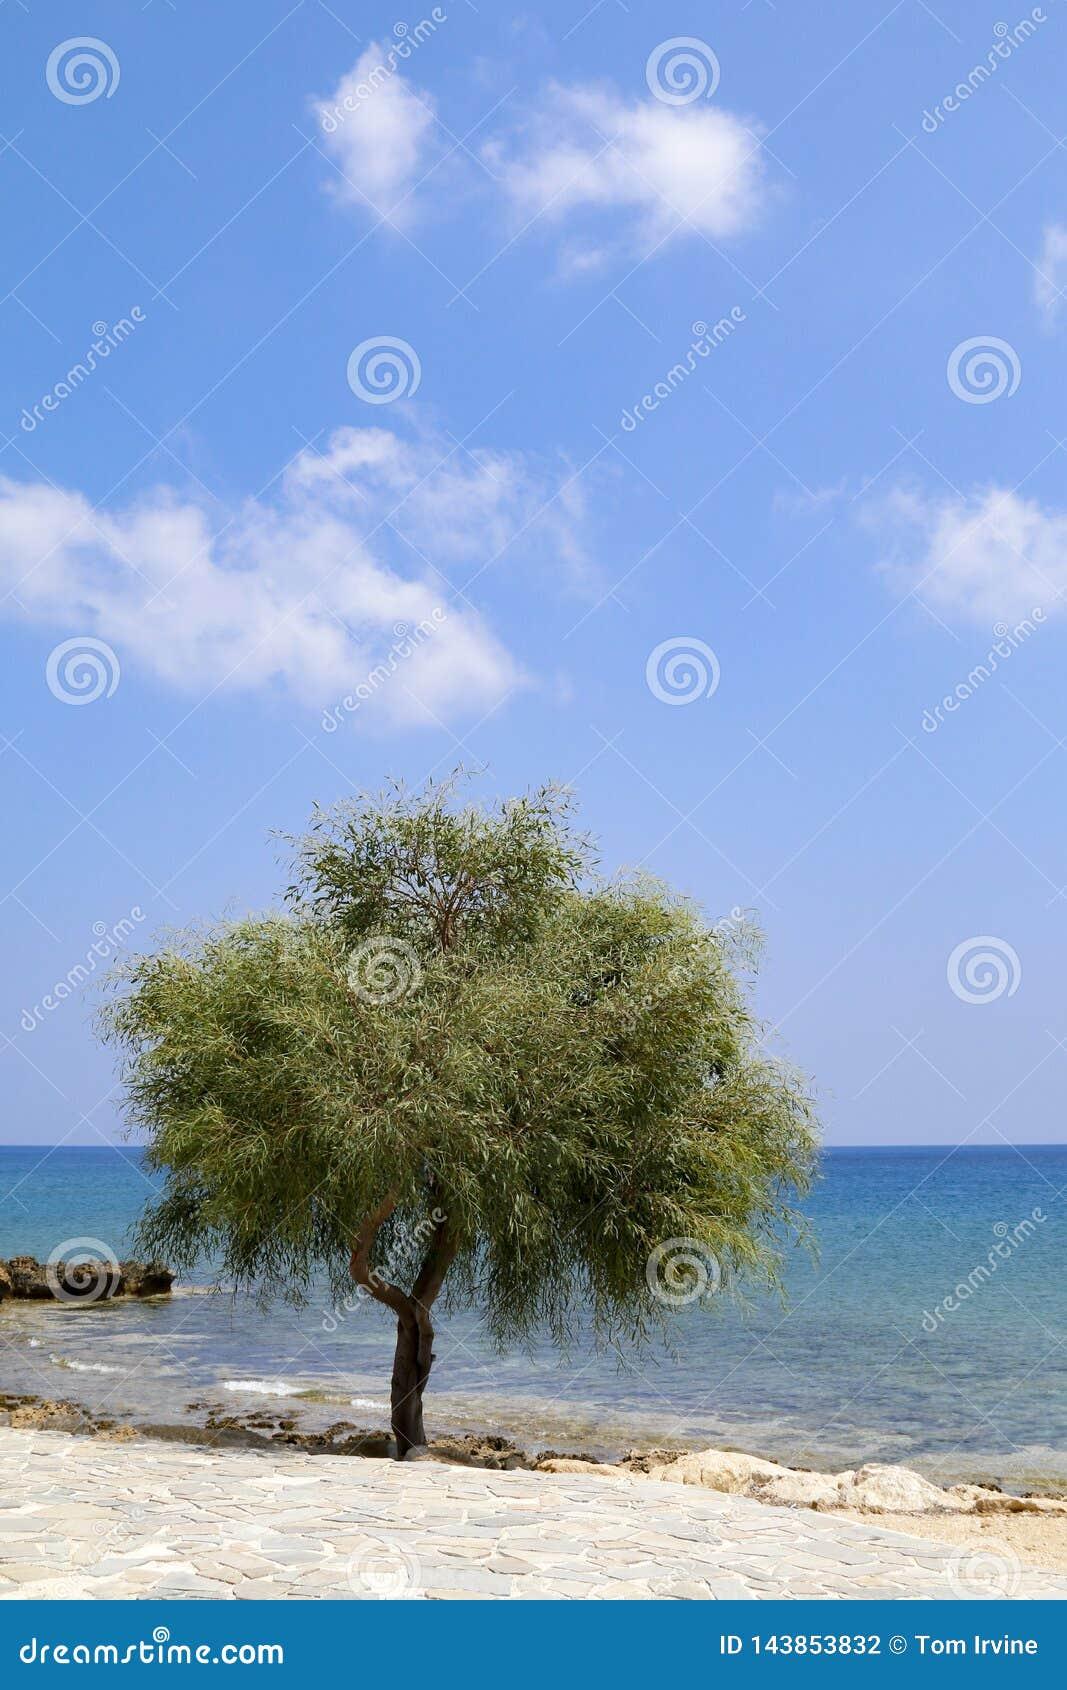 ?rvore solit?ria ao lado do mar no dia ensolarado com c?u azul